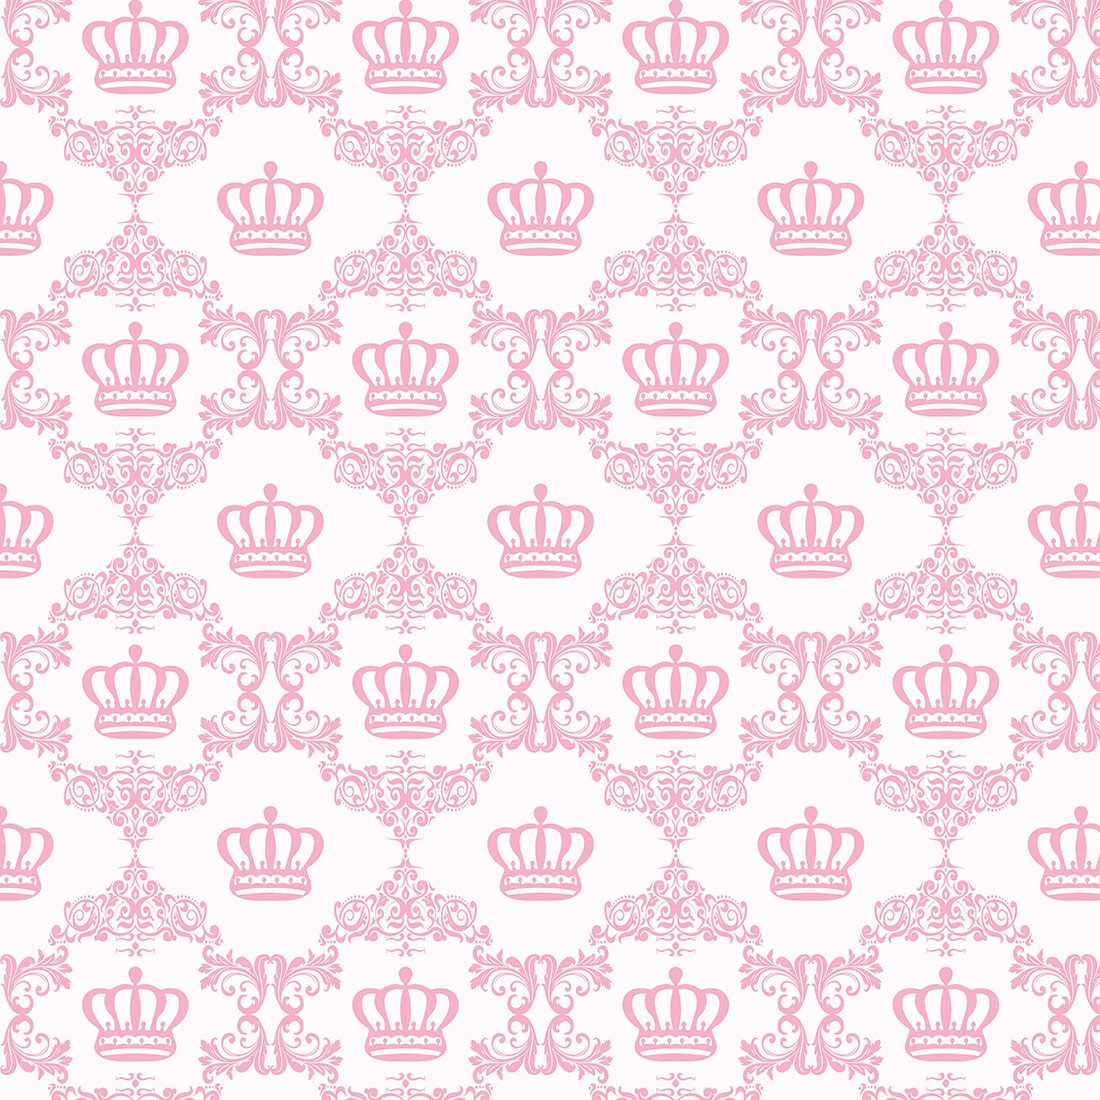 Papel de Parede Baby Coroas Rosa Claro com Arabesco